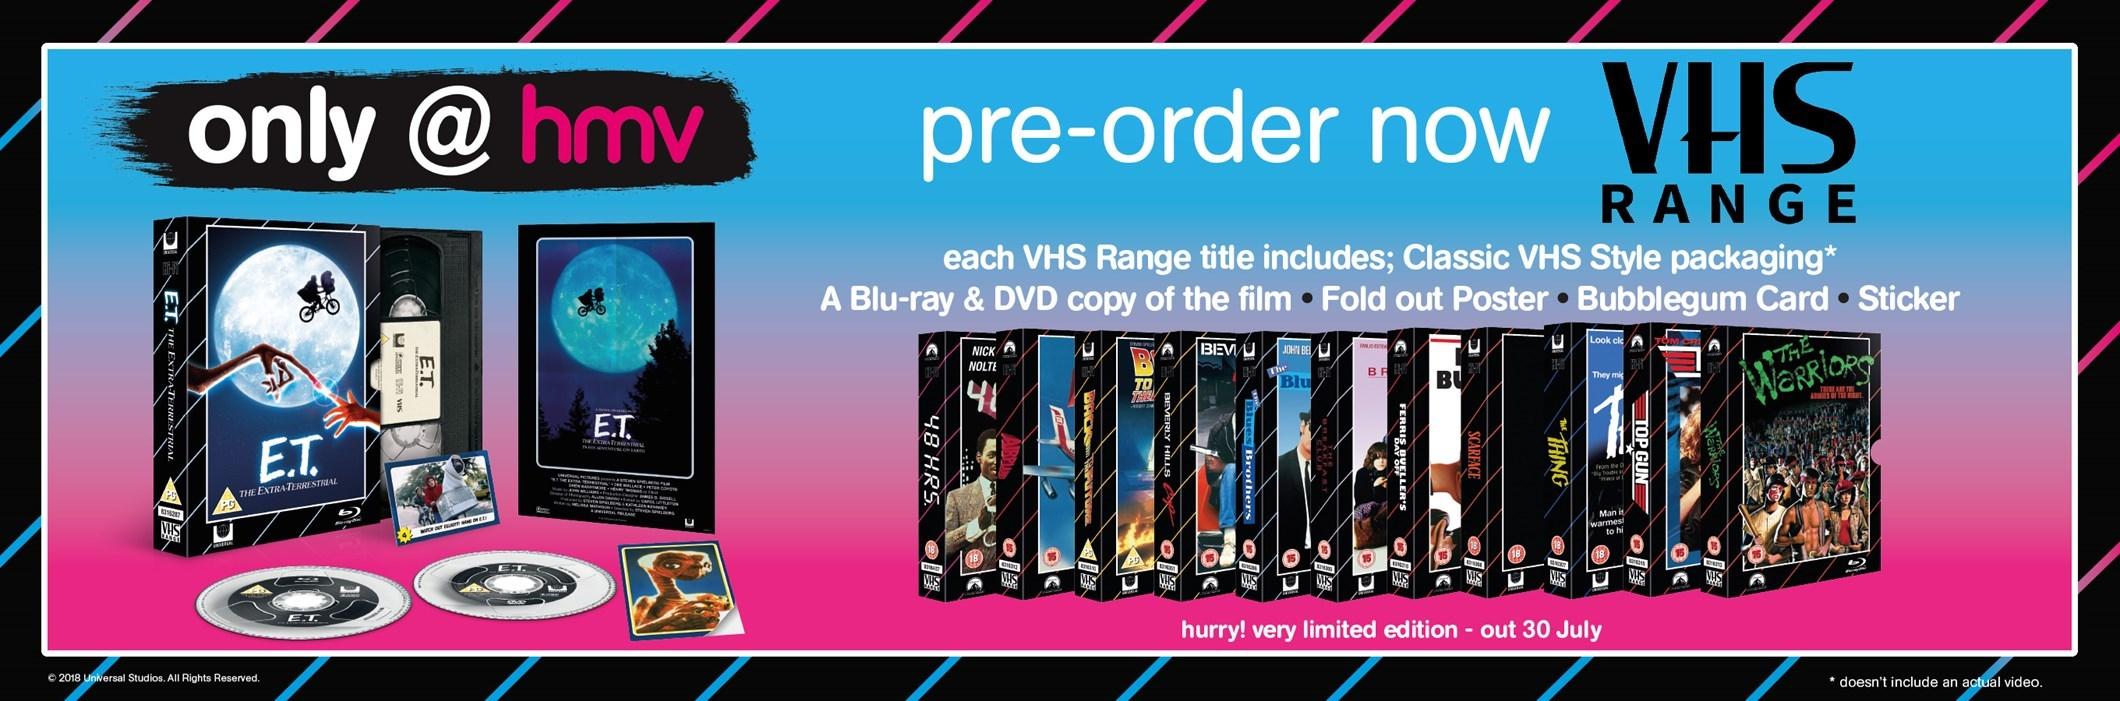 VHS_Range_FILMS_internal_hero